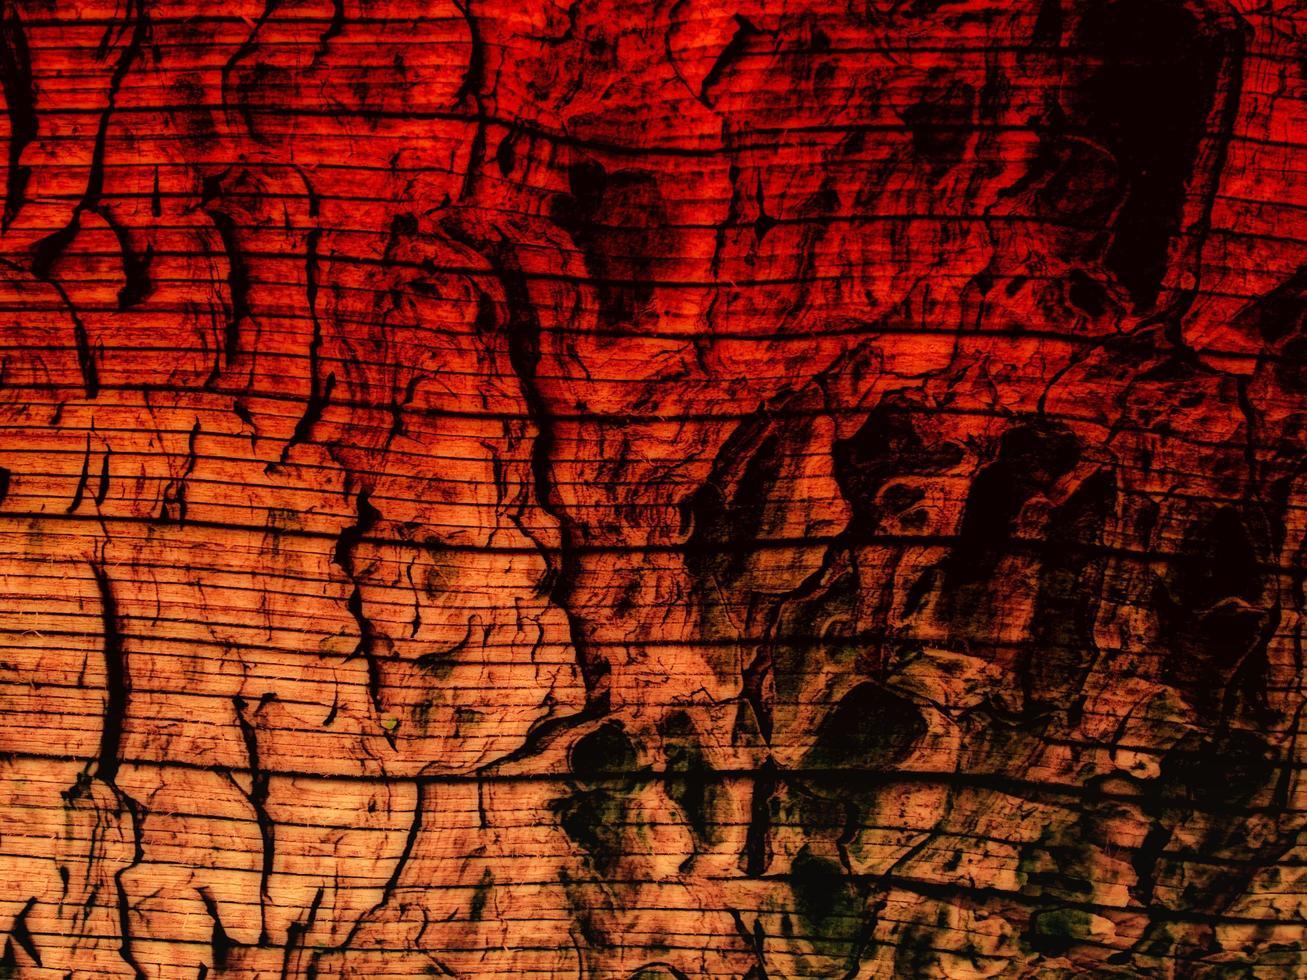 färgglad trästruktur foto